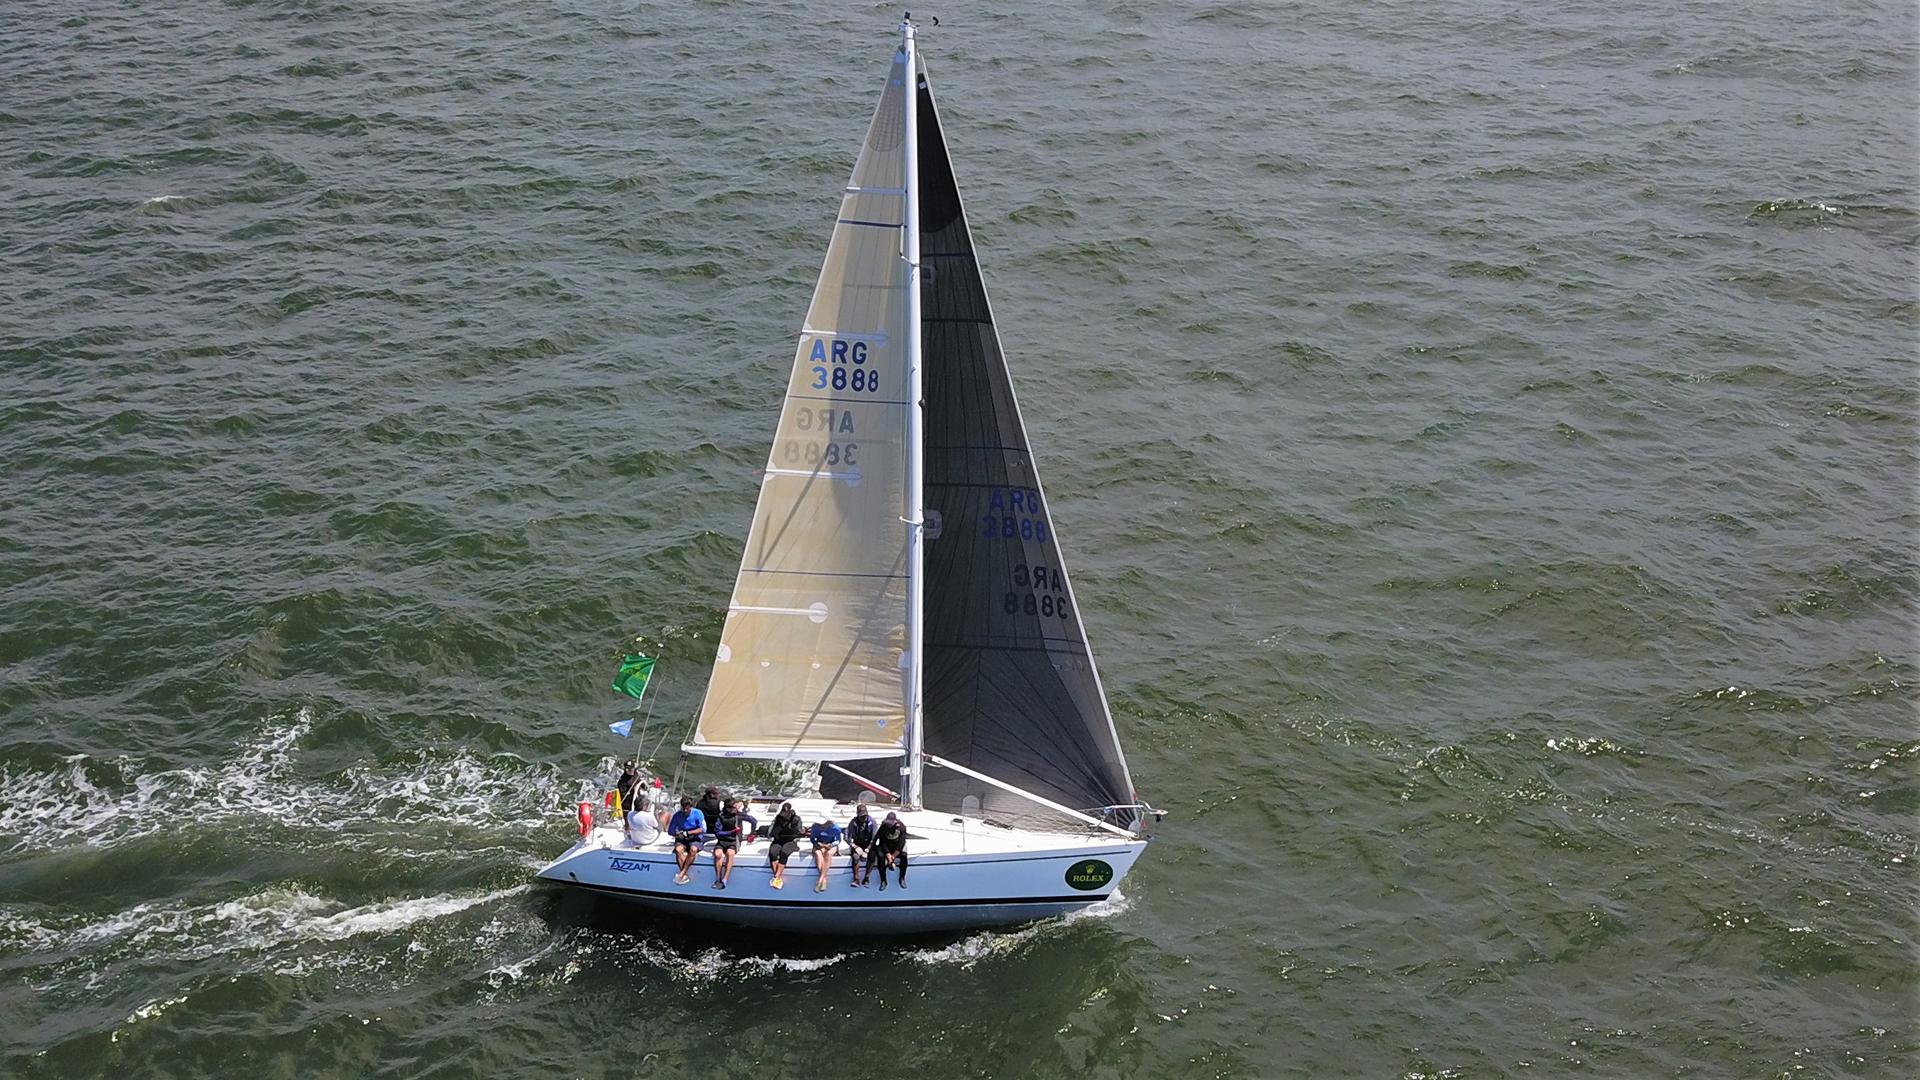 Las regatas se desarrollaron frente a la playa Mansa de la península de Punta del Este. Significó un espectáctulo único para los bañistas de estas costas